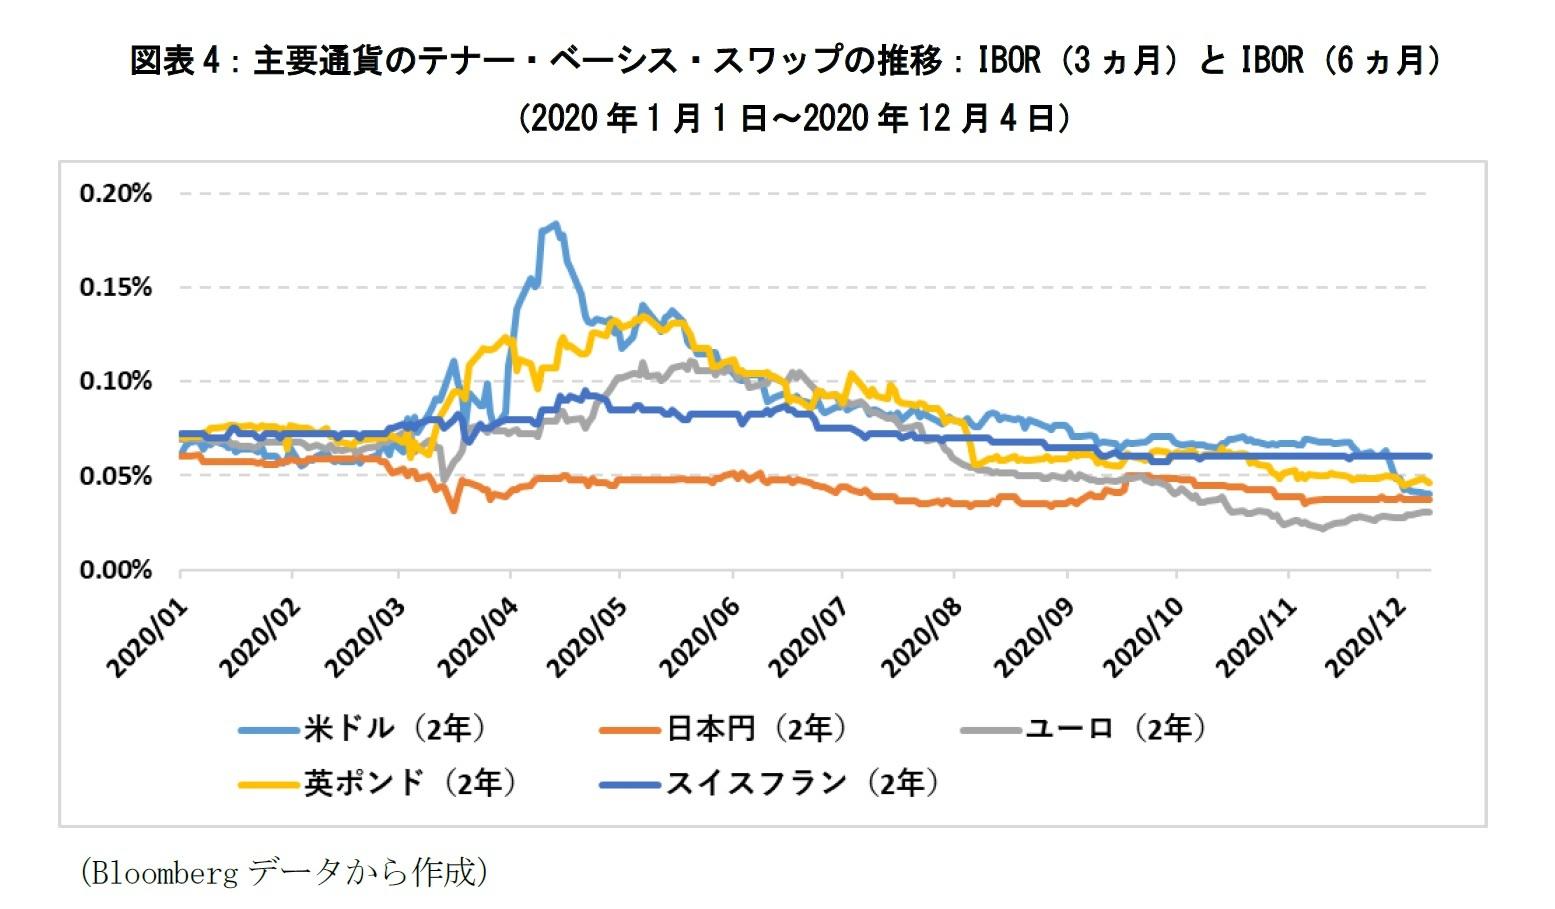 図表4:主要通貨のテナー・ベーシス・スワップの推移:IBOR(3ヵ月)とIBOR(6ヵ月)(2020年1月1日~2020年12月4日)